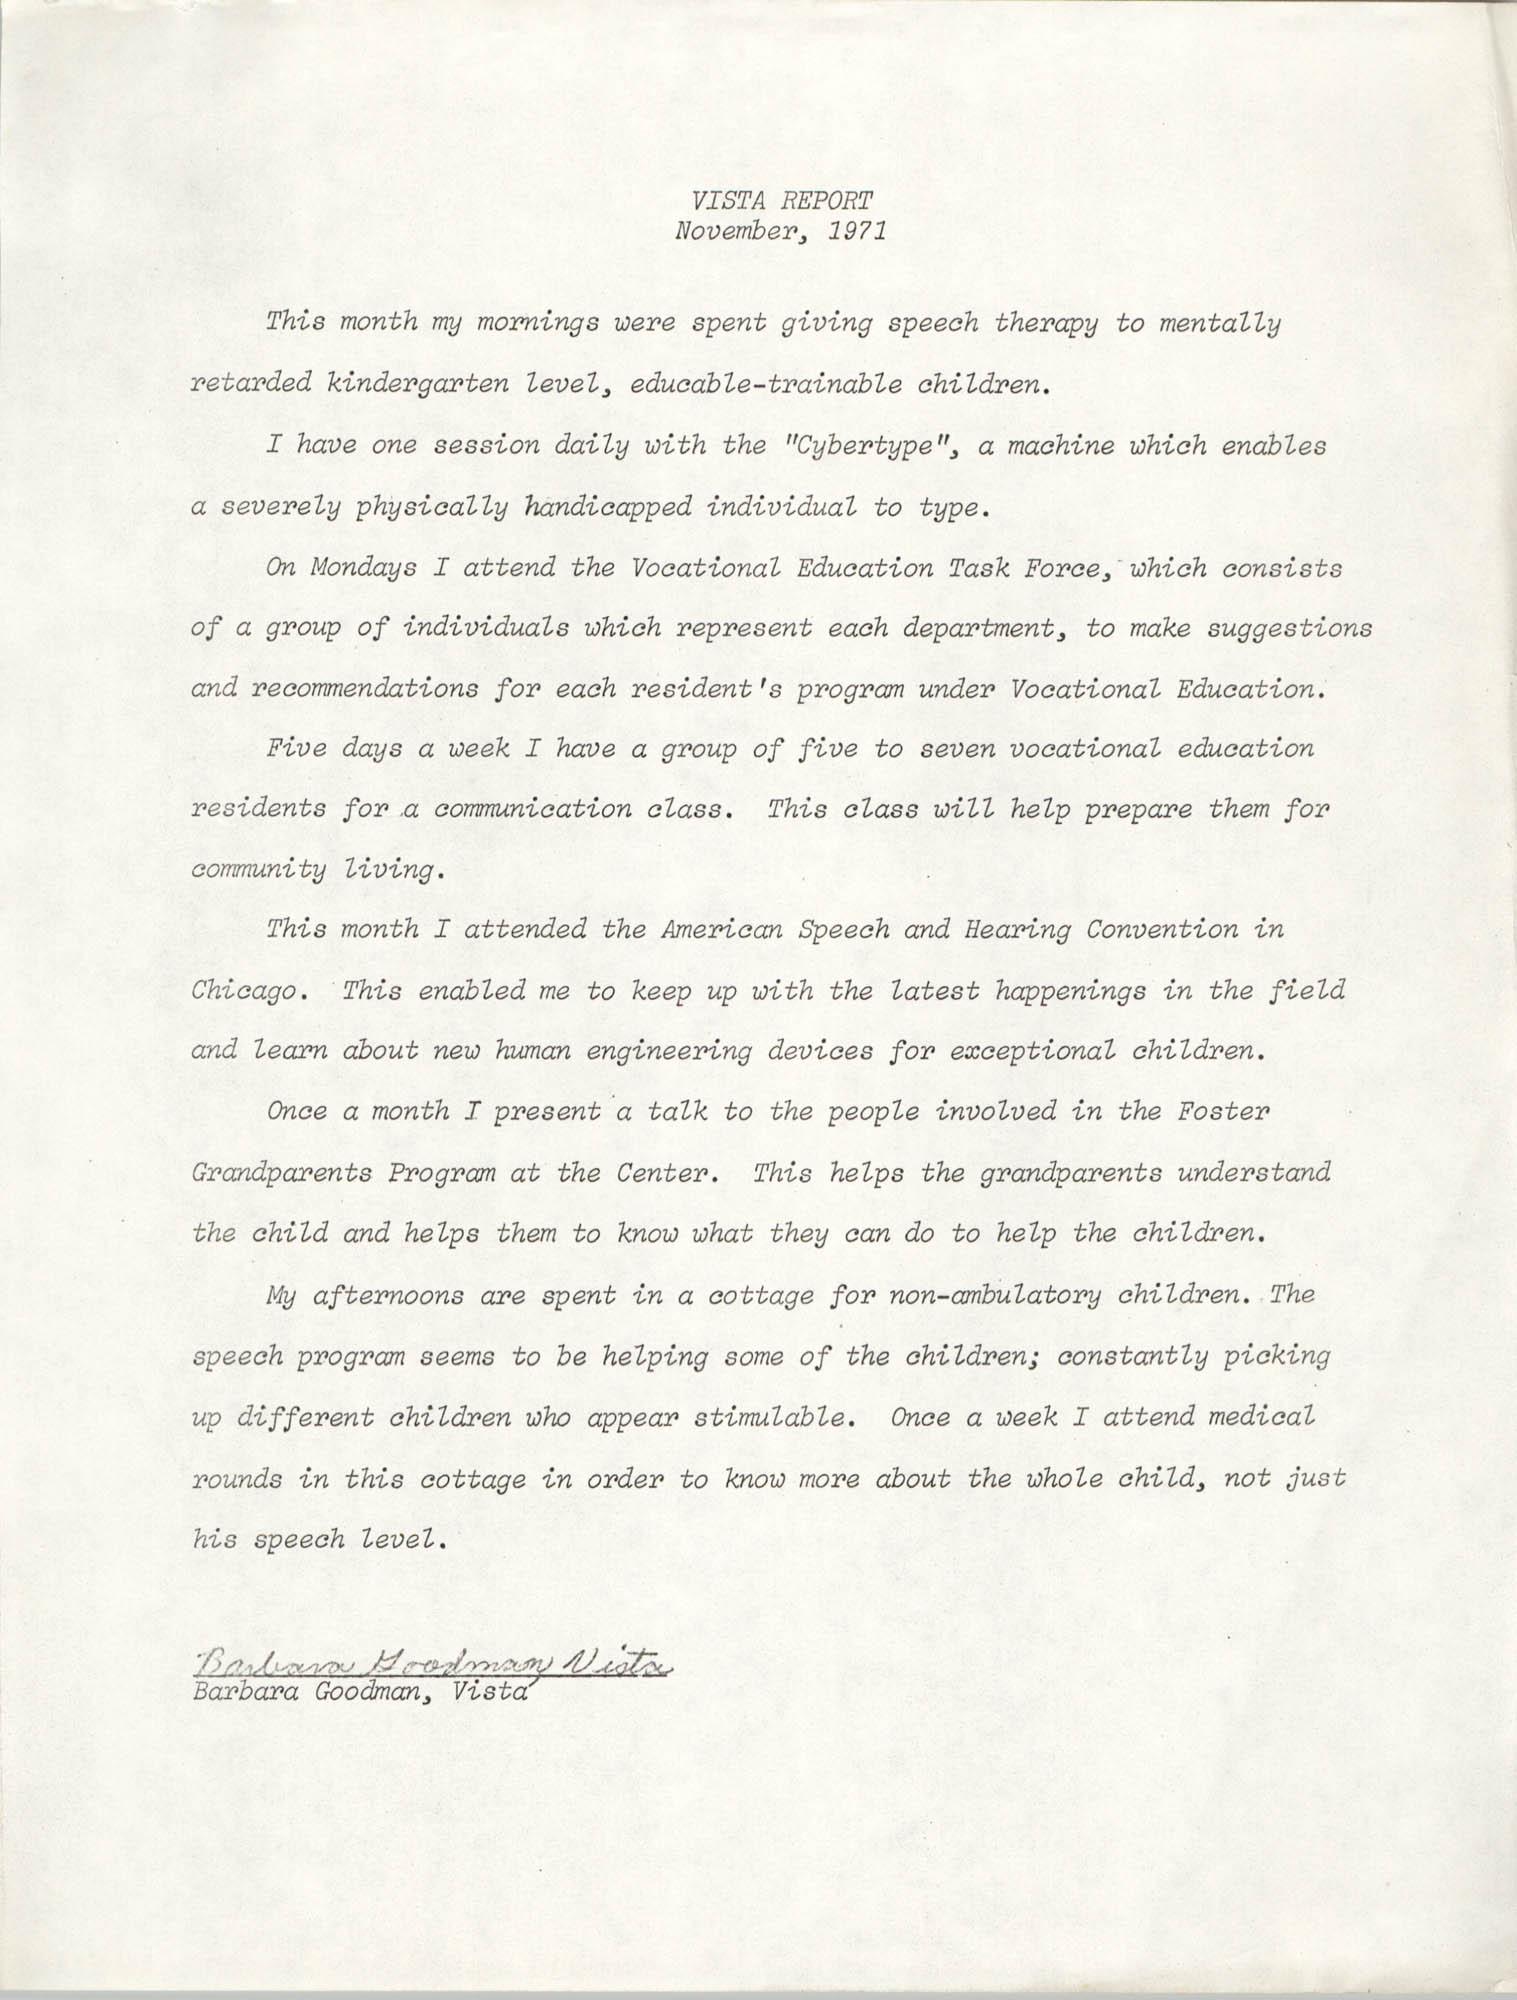 VISTA Report, November 1971